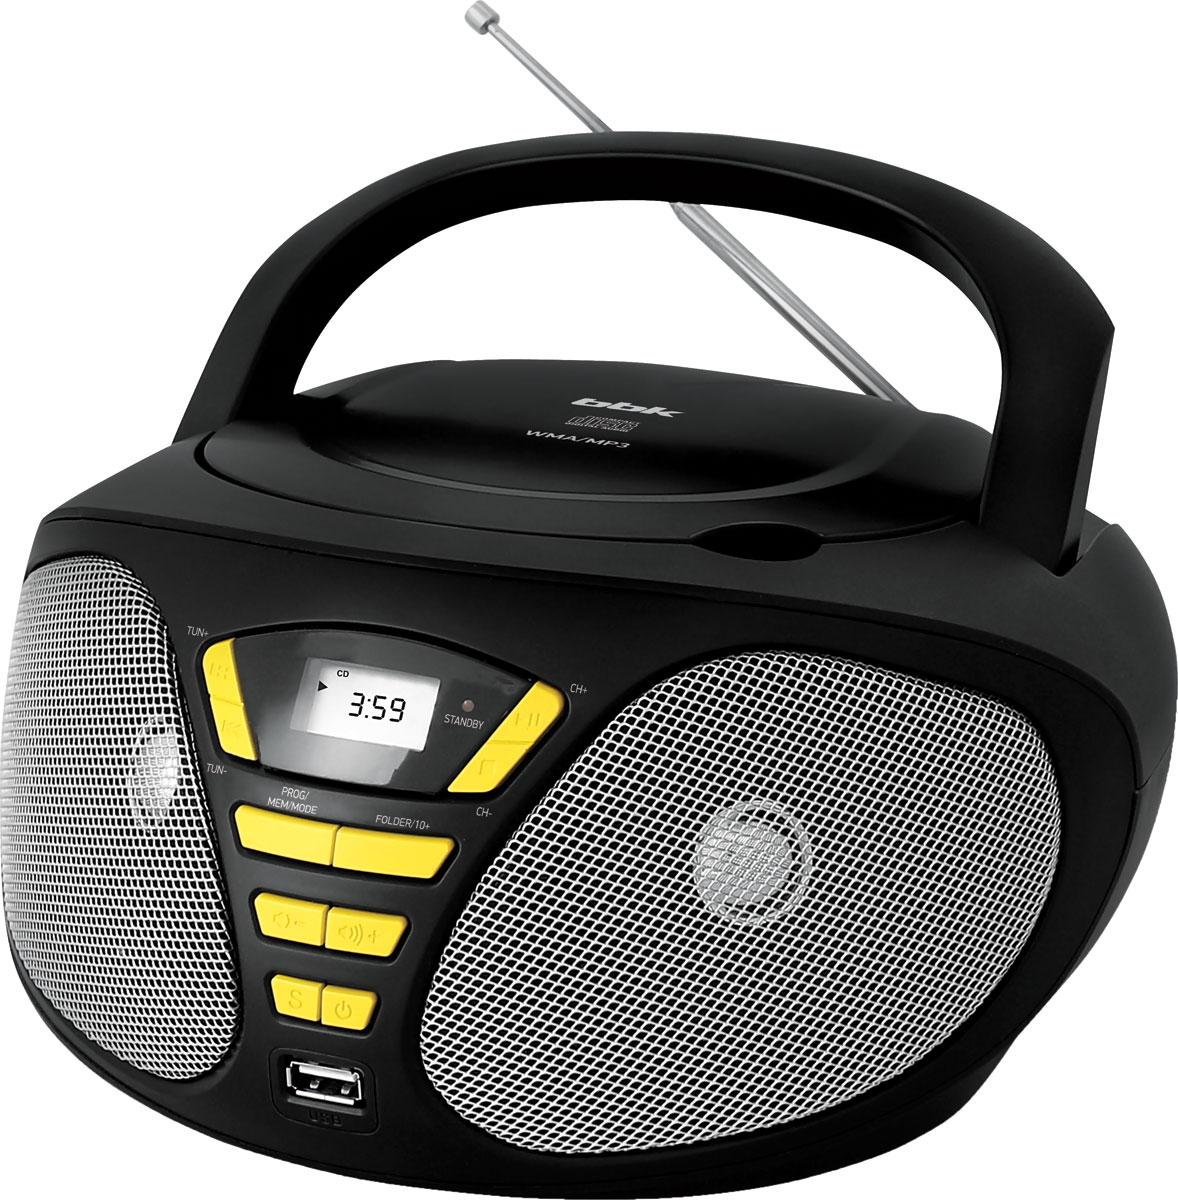 Магнитола BBK BX180U, Black Yellow CD/MP3 bbk bx180u черный c оранжевым